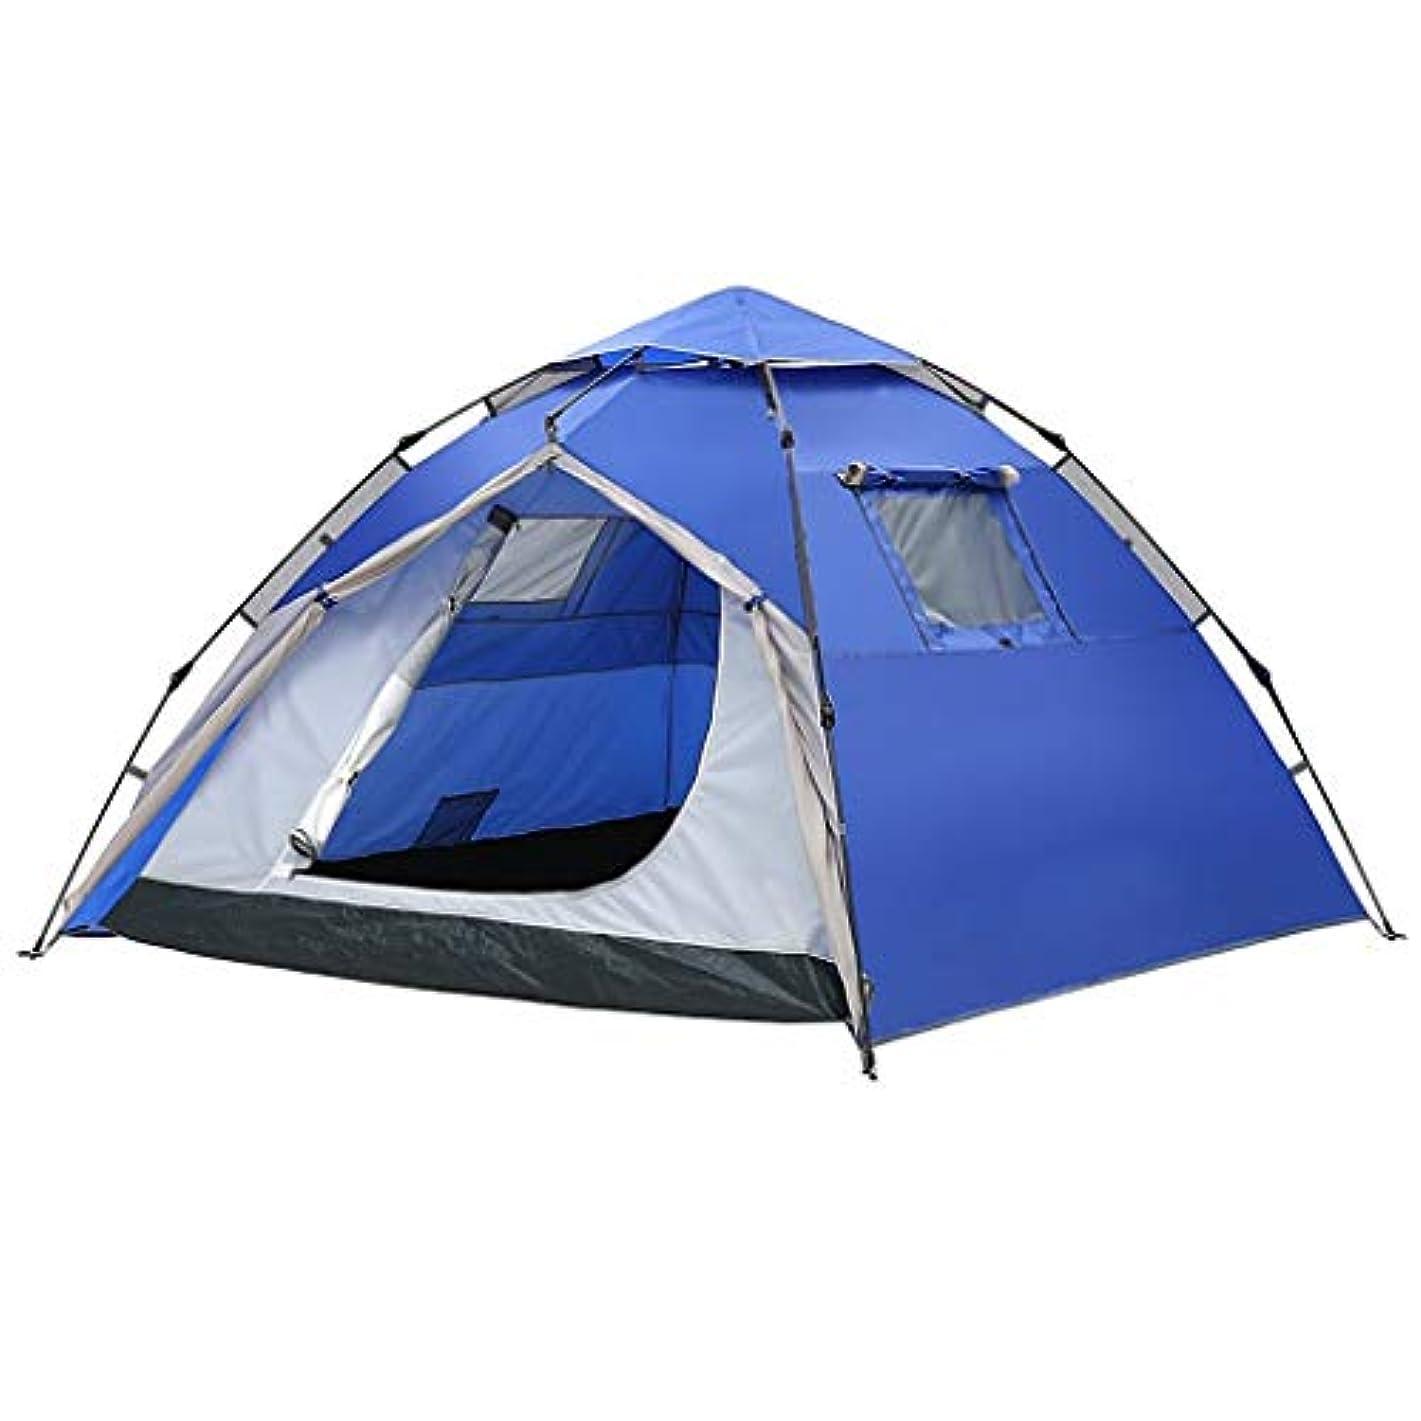 別に華氏ベンチ屋外キャンプテント テントHJCA190506987屋外キャンプ3-4人自動ホーム肥厚アンチストームレインビーチキャンプアカウント 写真屋外キャンプテント家族の遠出キャンプに適しています (色 : 青)